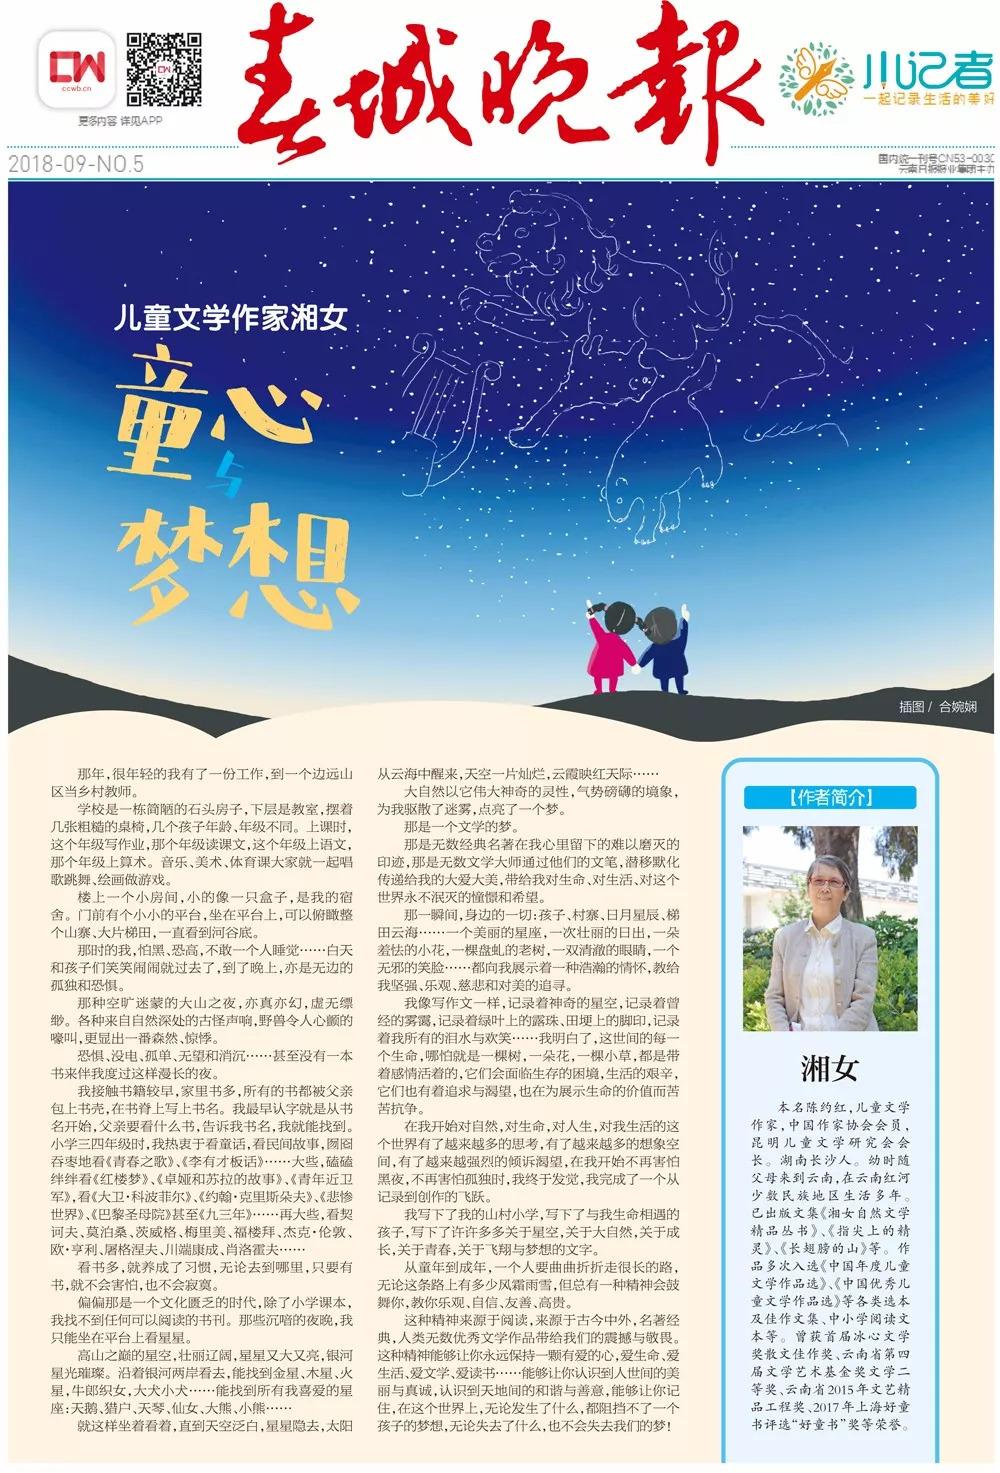 春晚小记者美文丨9月上半月刊,请为TA投票!